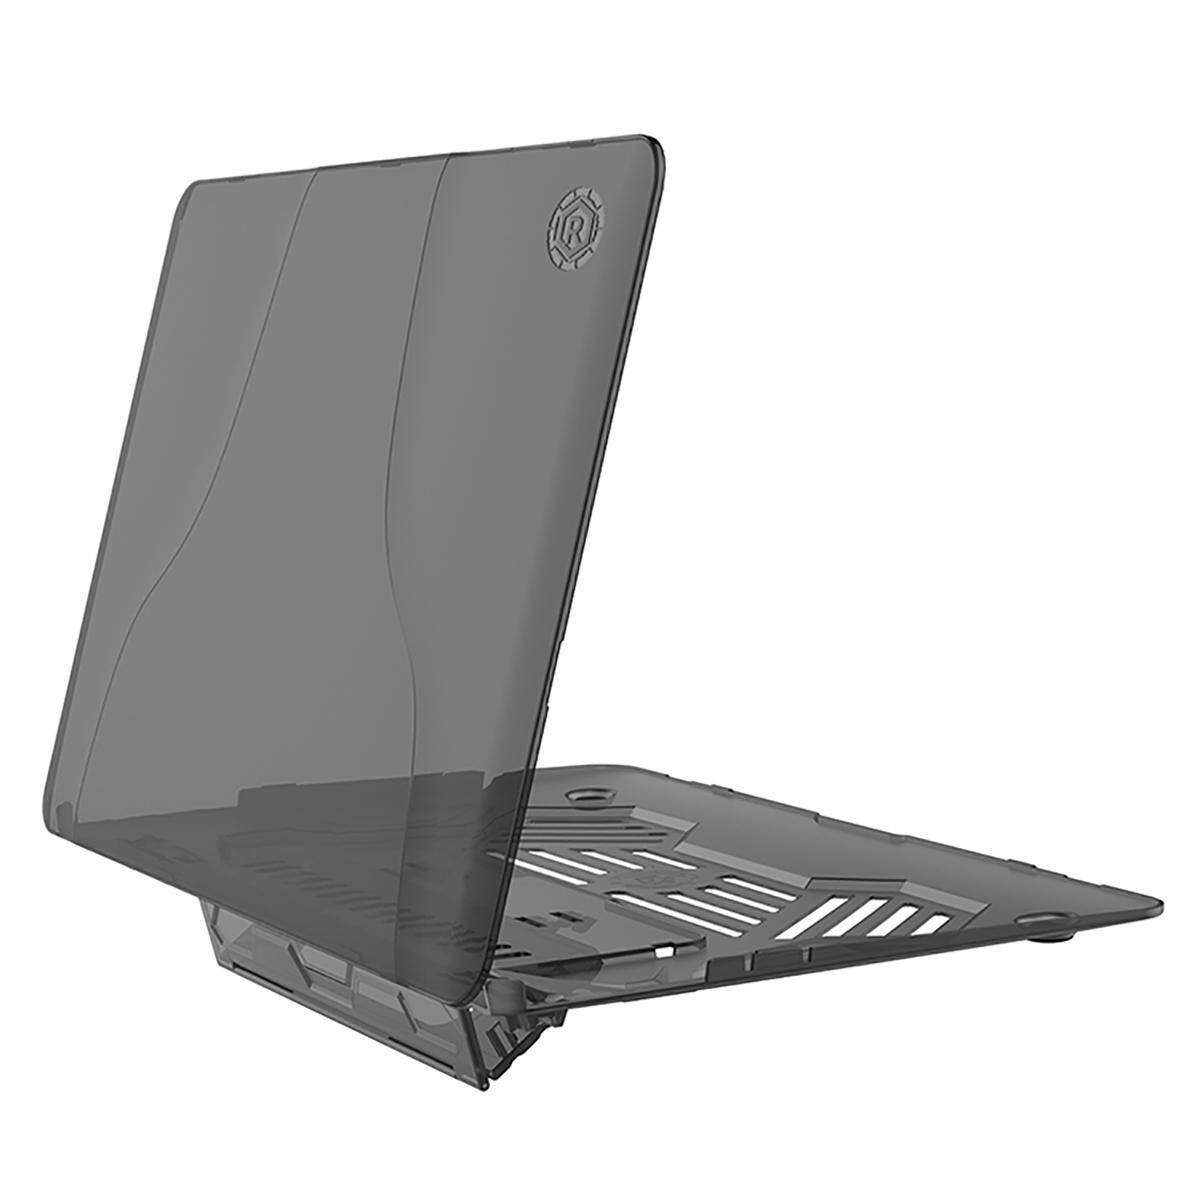 Moonmini Case untuk 2017 MACBOOK AIR 13 (Global) MACBOOK AIR 13 (Global) tas Tangan Tablet Bisnis Gaya Rekreasi Anti-Shock Tas Laptop Portabel Tipis Perjalanan Tas Notebook